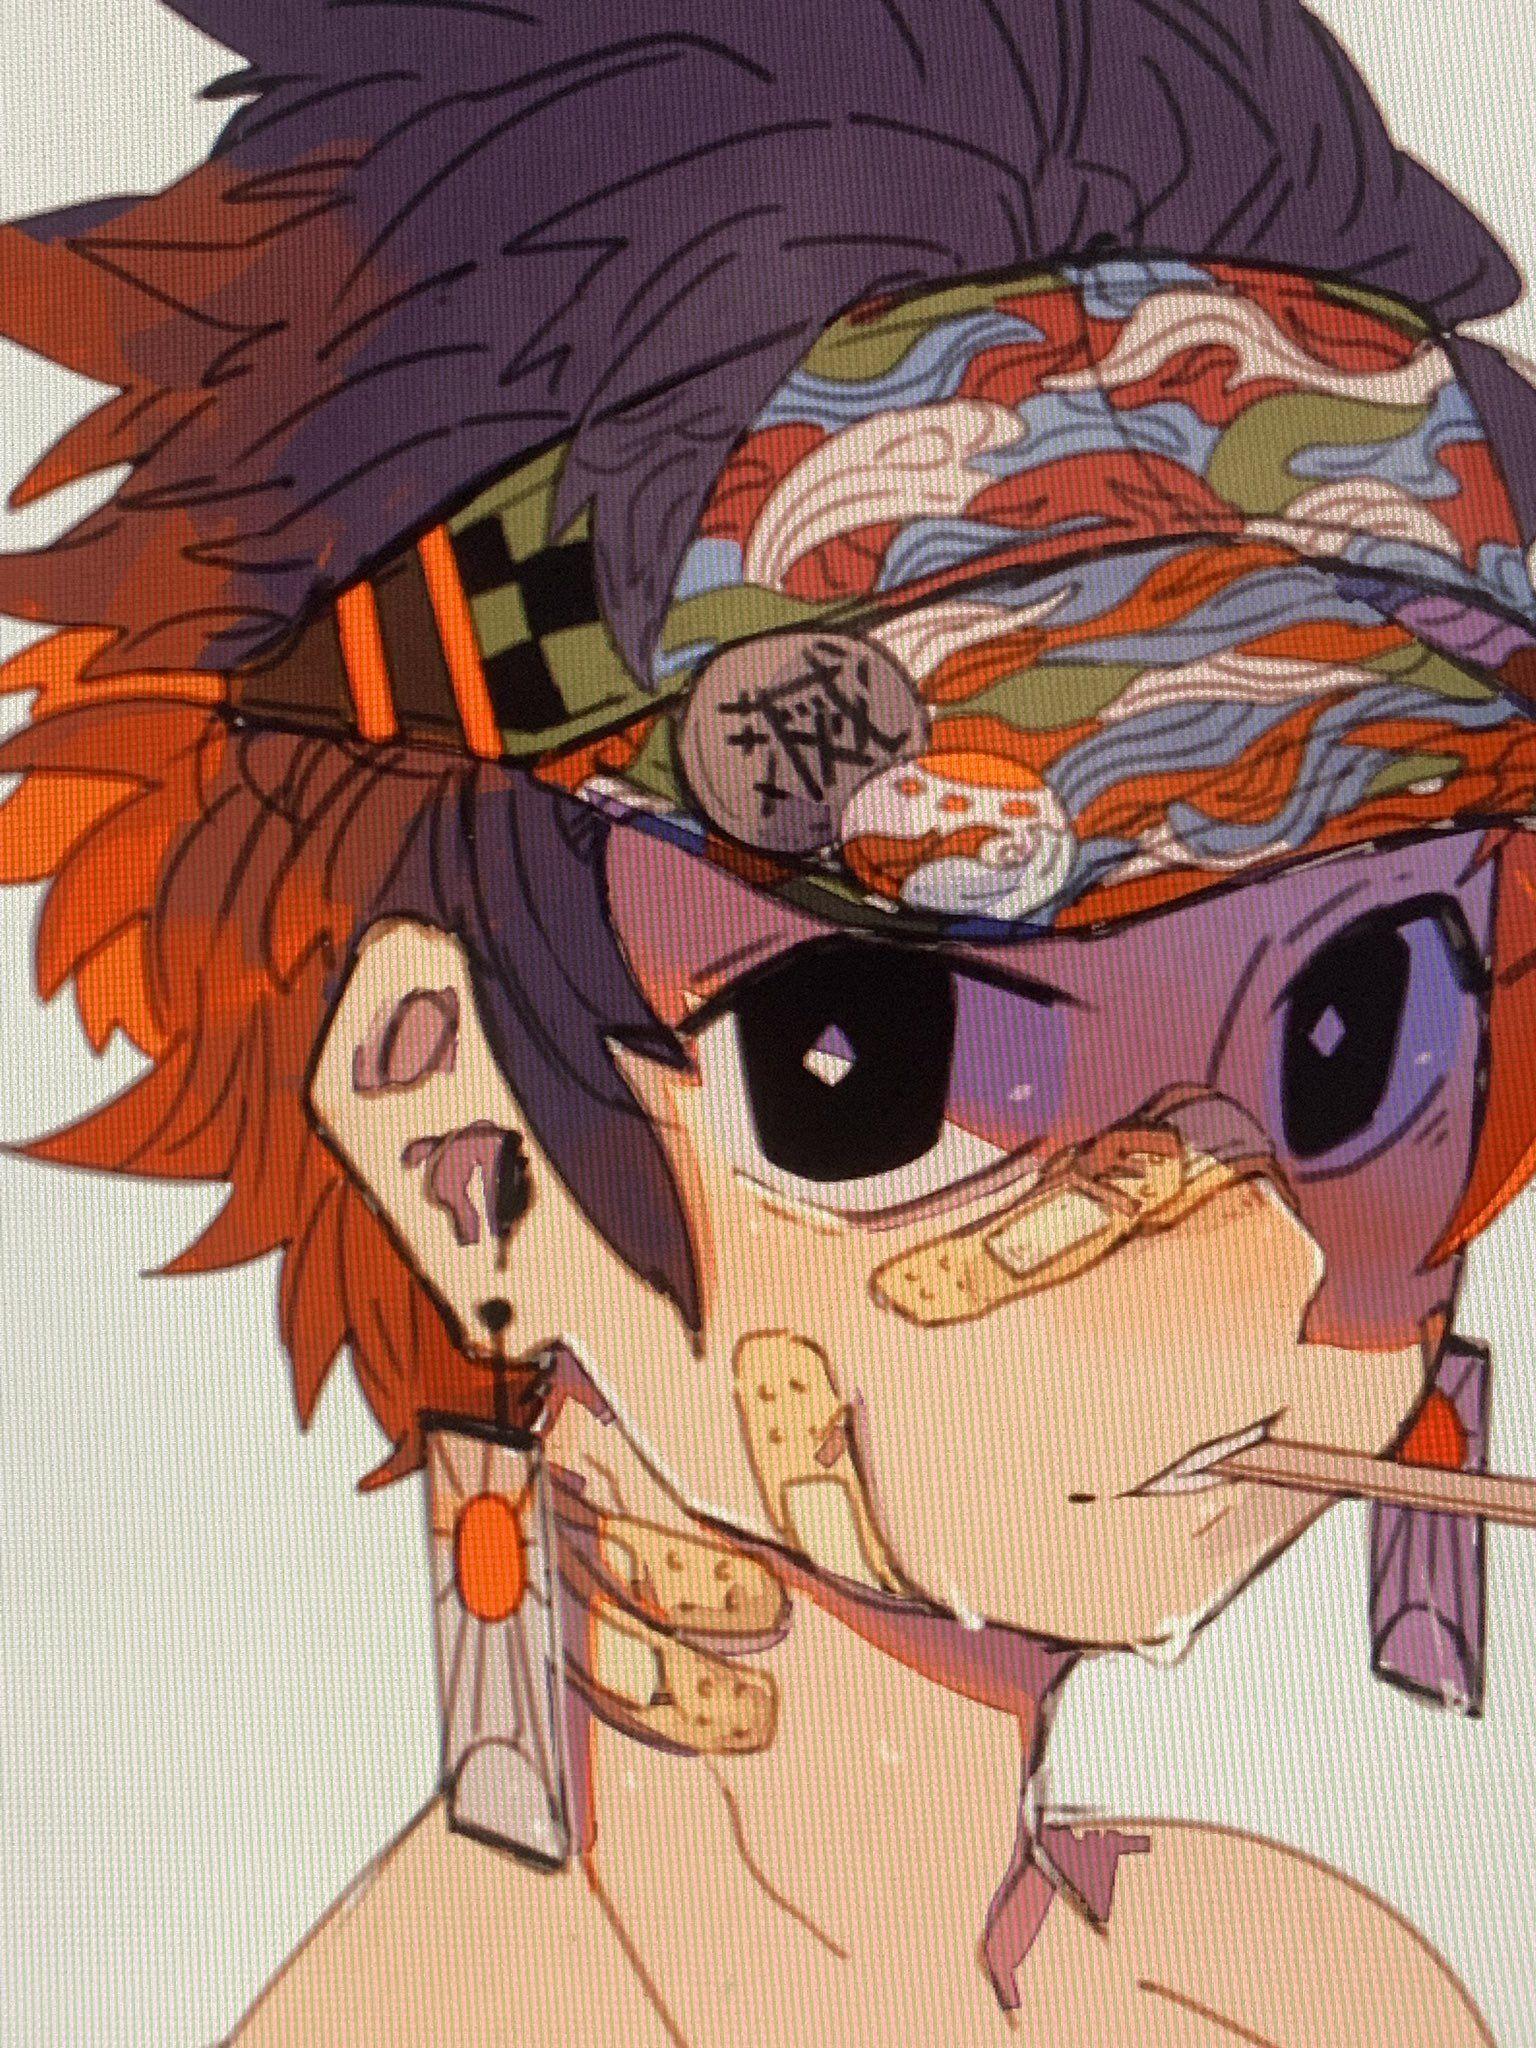 Twitter Anime Demon Slayer Anime Anime Wallpaper